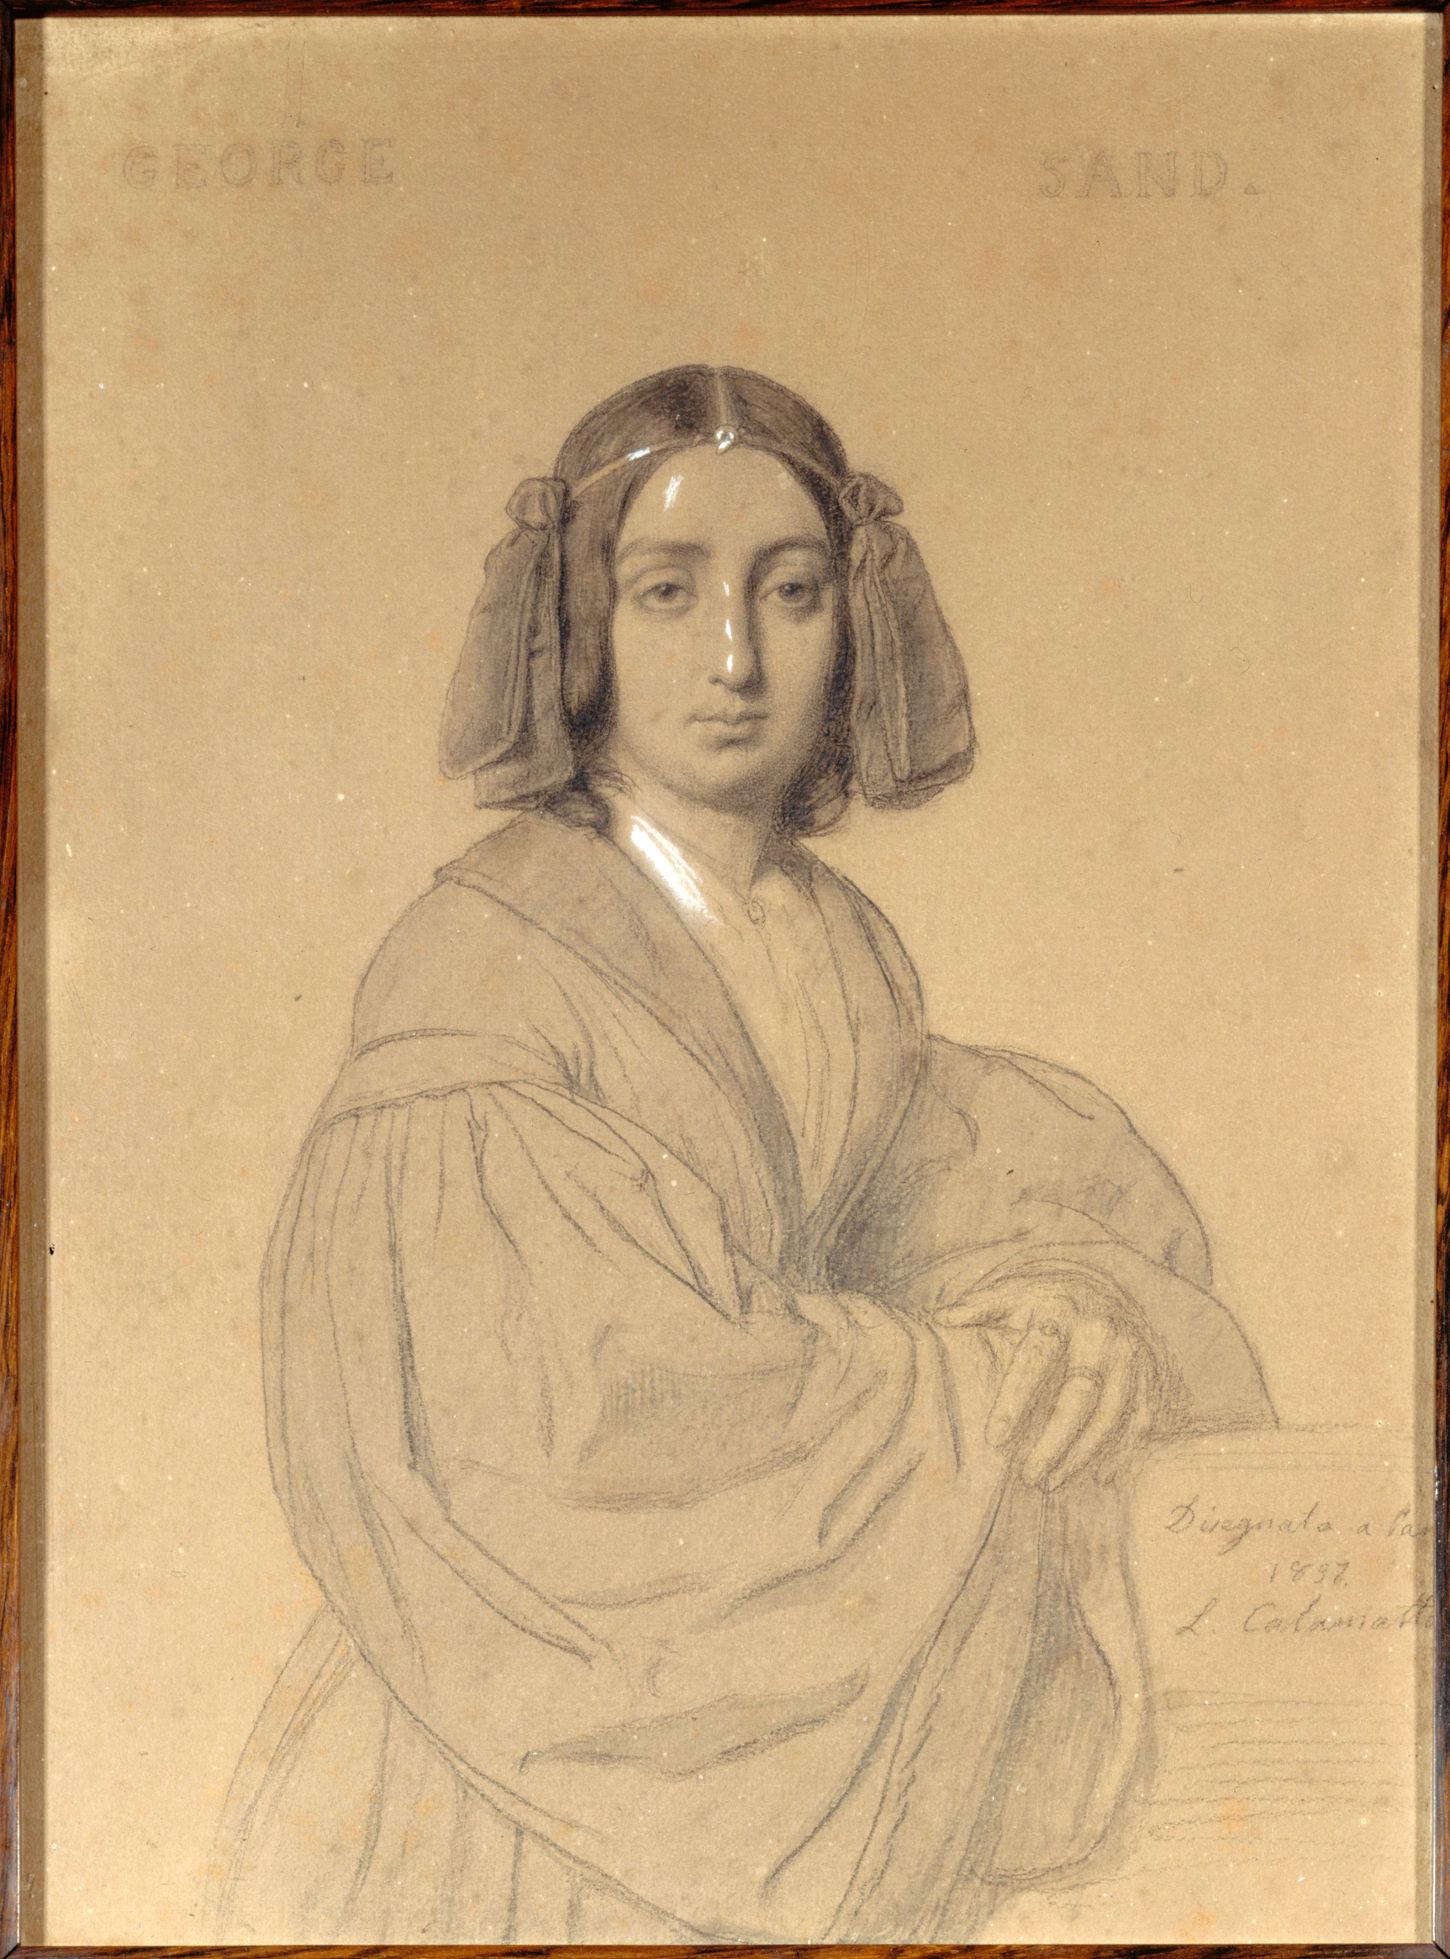 George Sand en 1837, dessin de Luigi Calamatta (1801-1869)